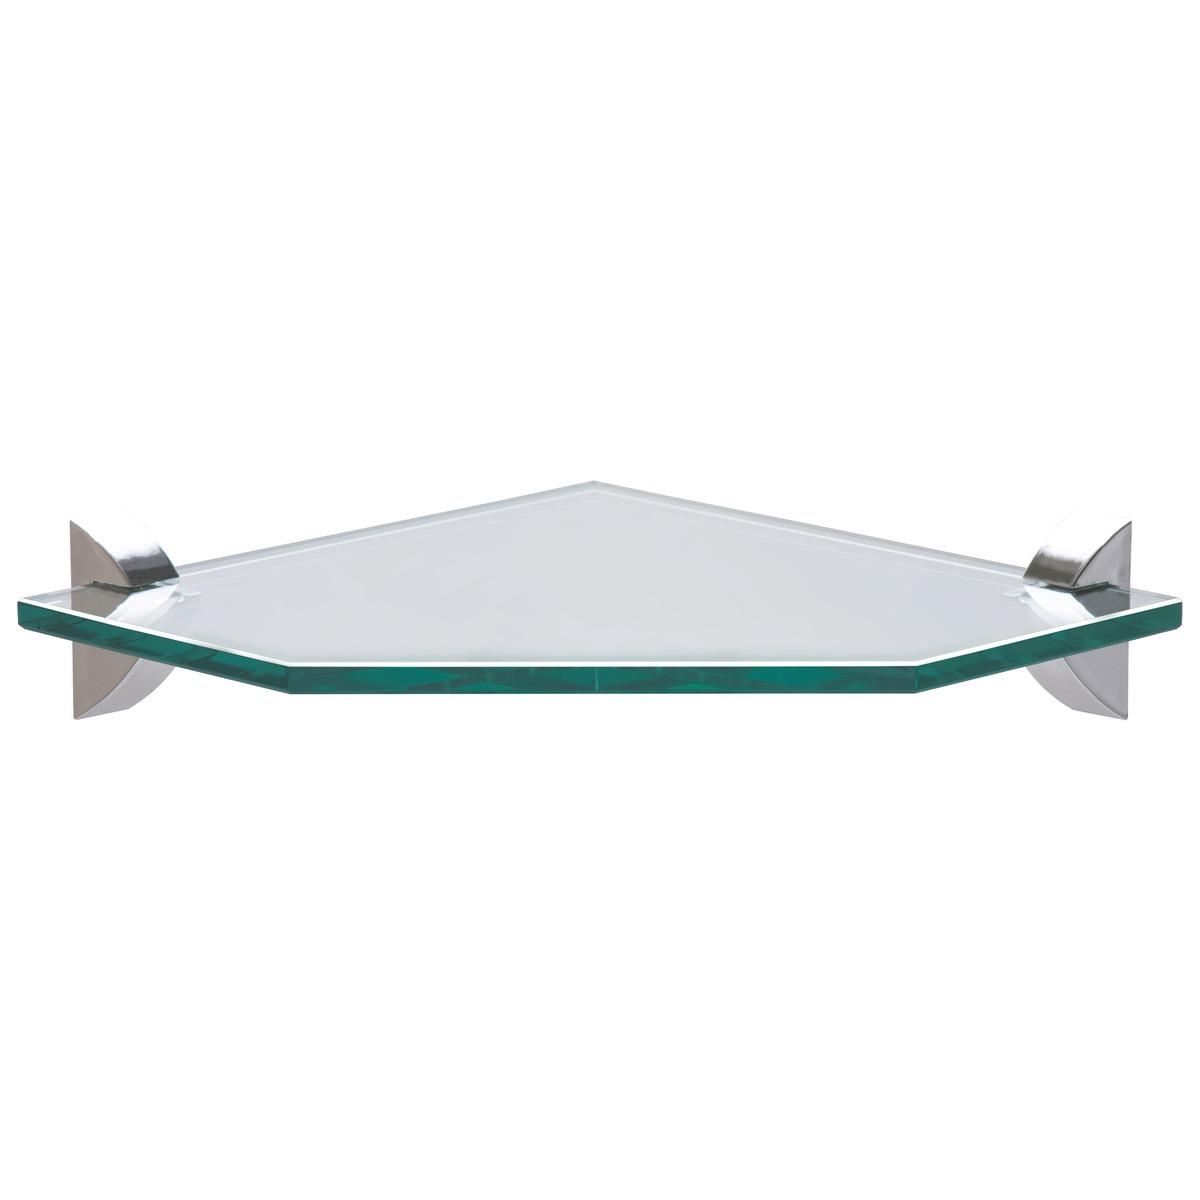 Prateleira de Vidro Glass Canto Quadra  91221003 300 X 300 X 8 - Tramontina